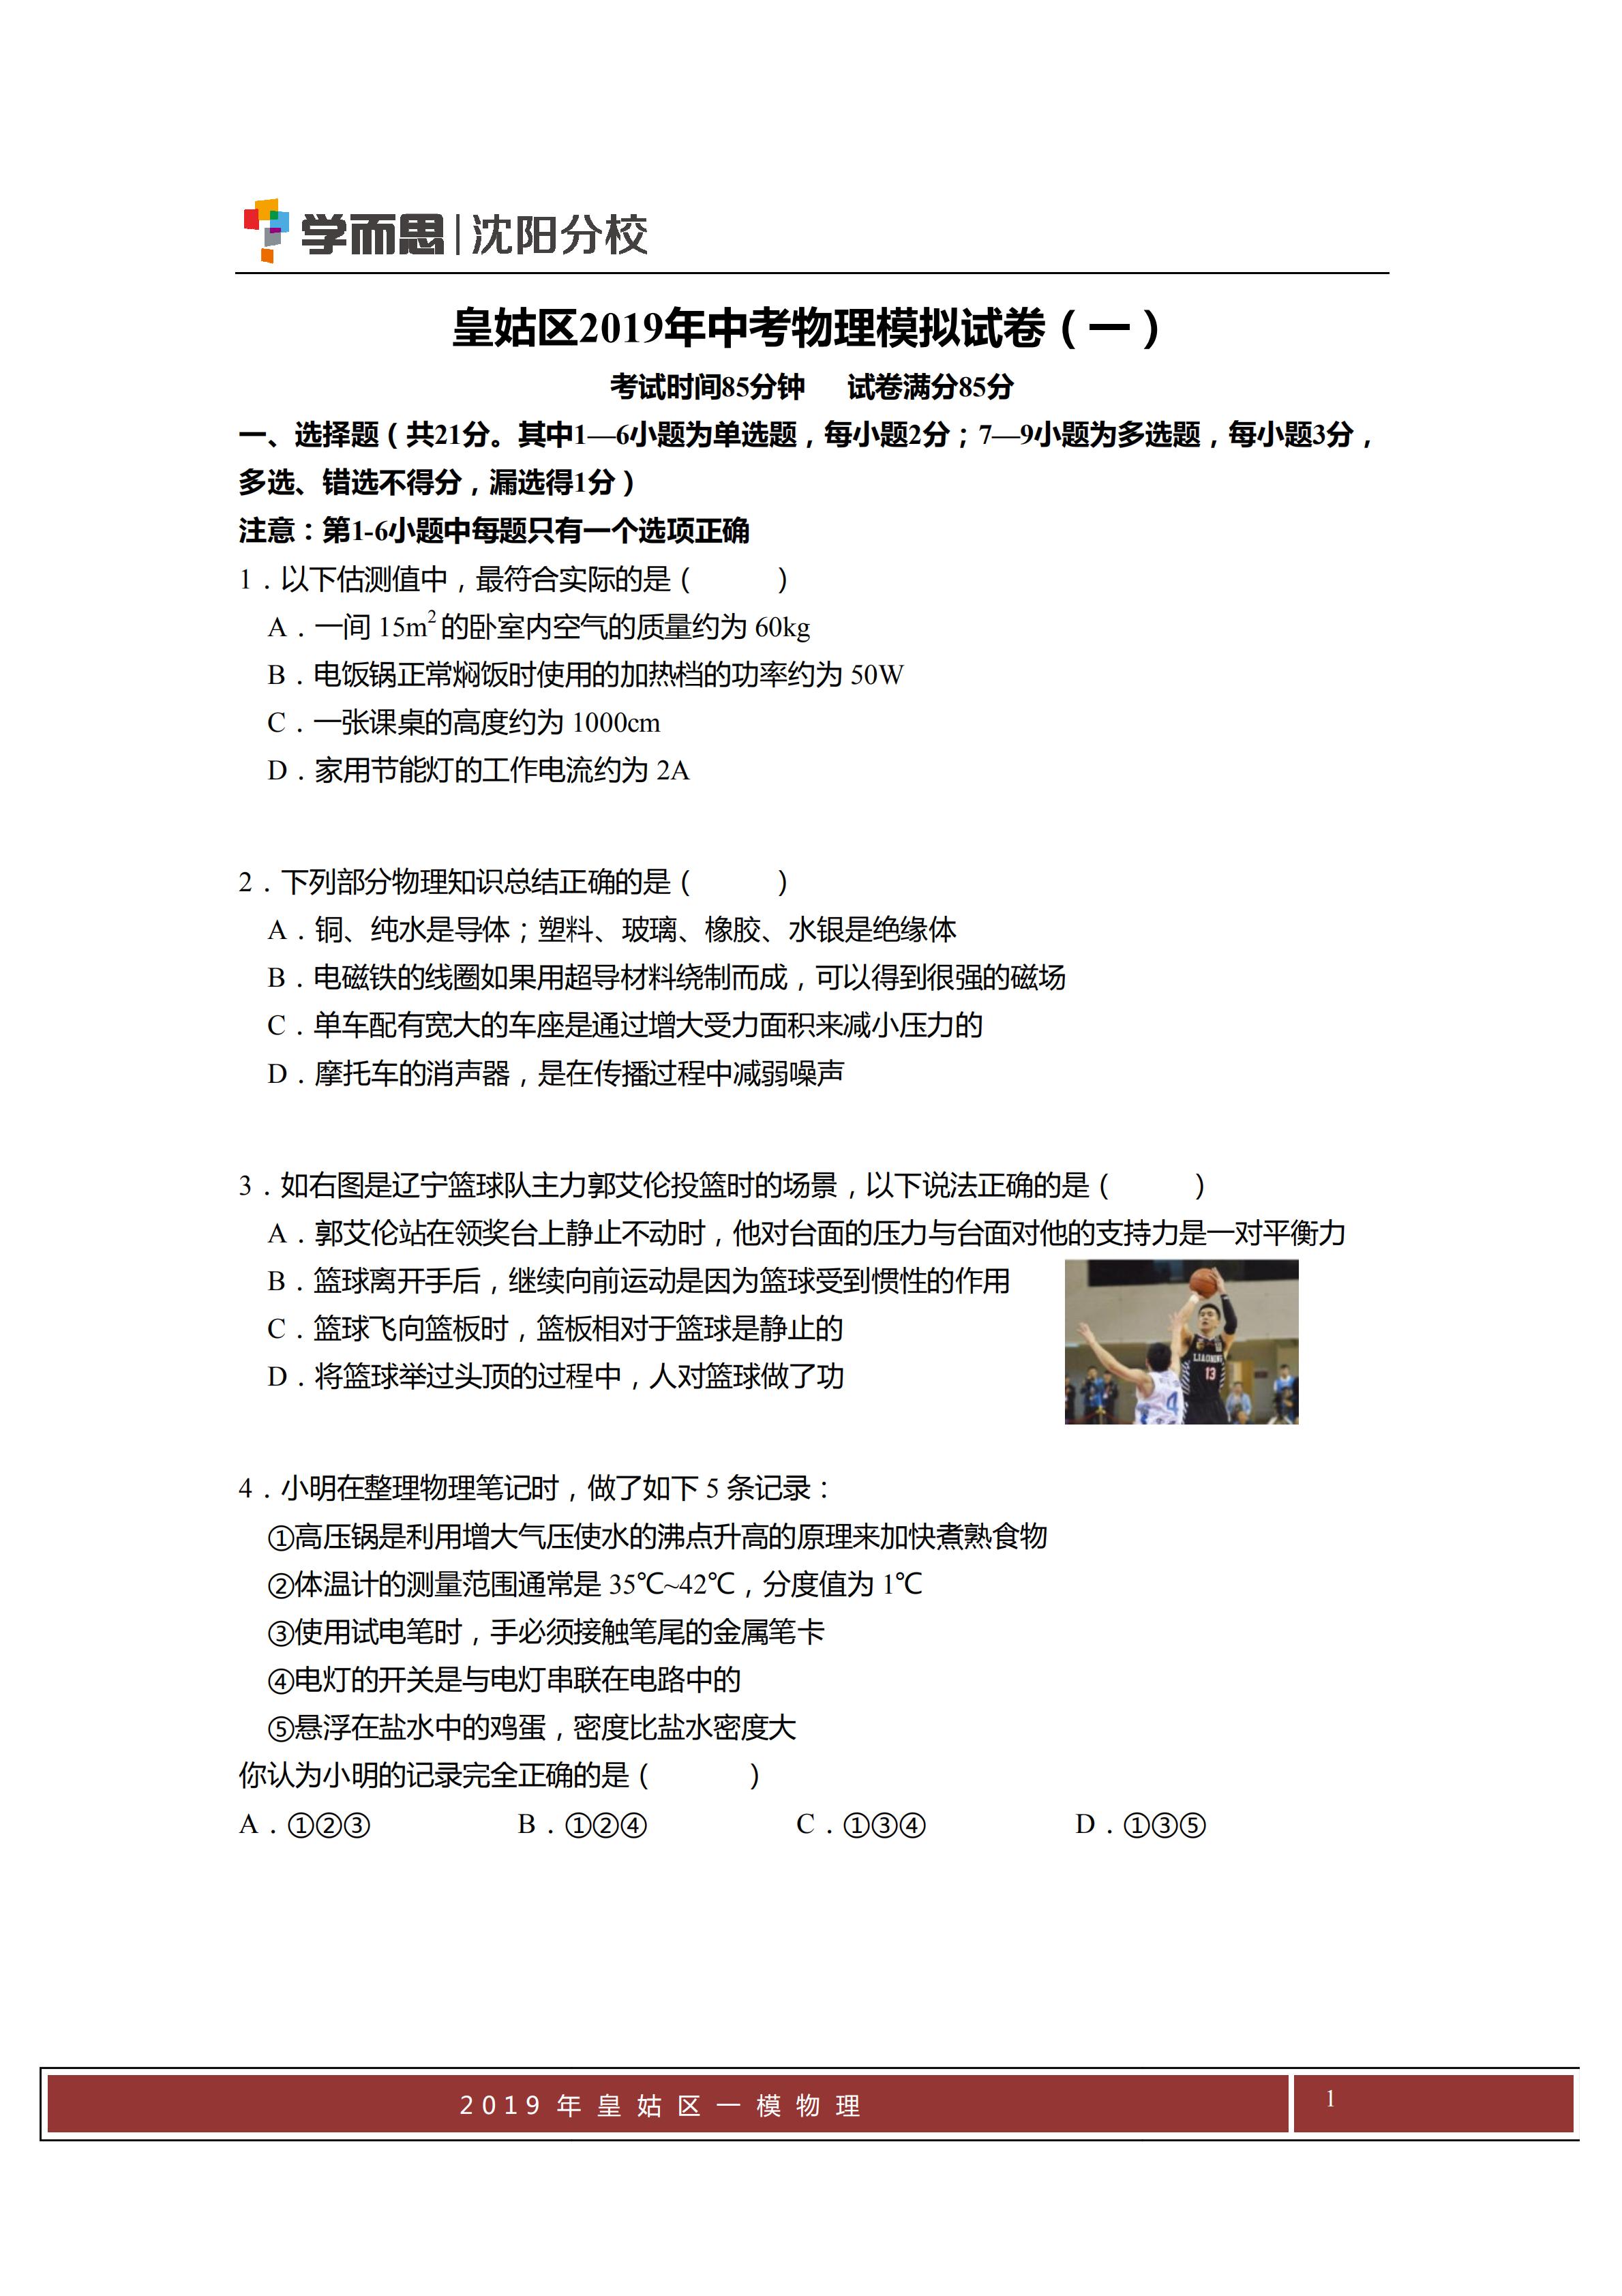 2019年皇姑区物理一模试卷_00.png